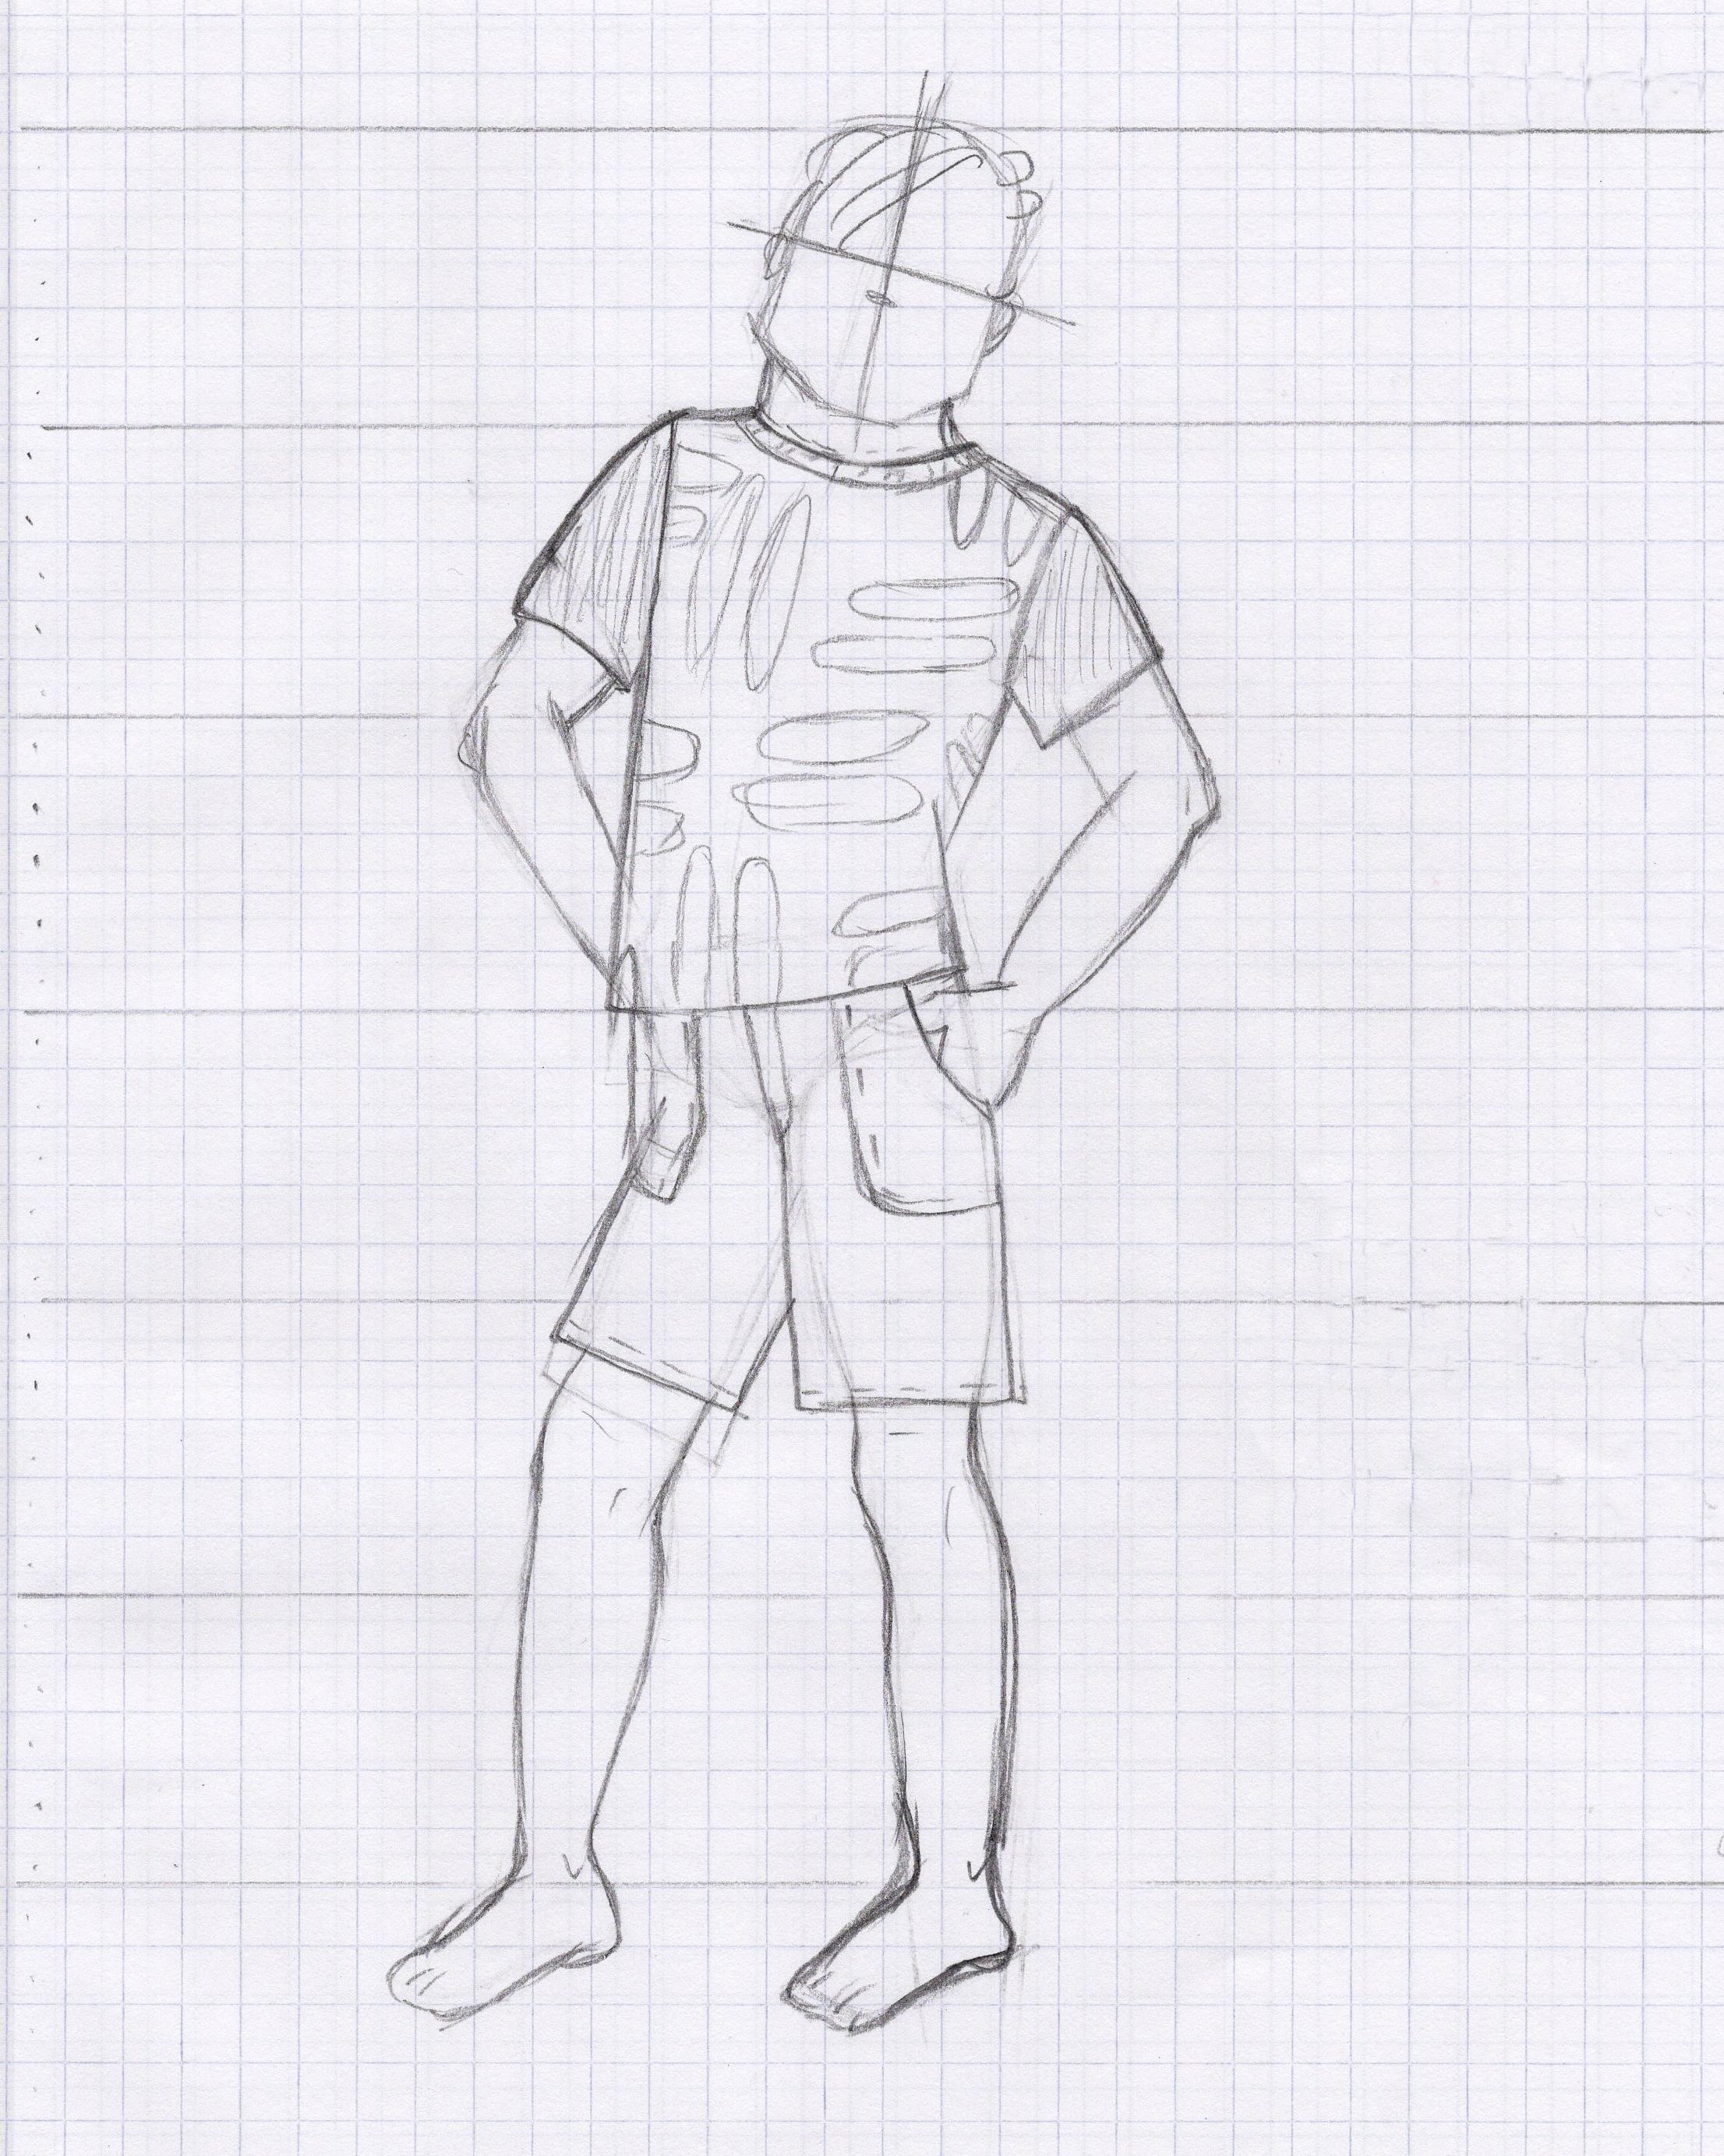 Boy's Shirt and Shorts